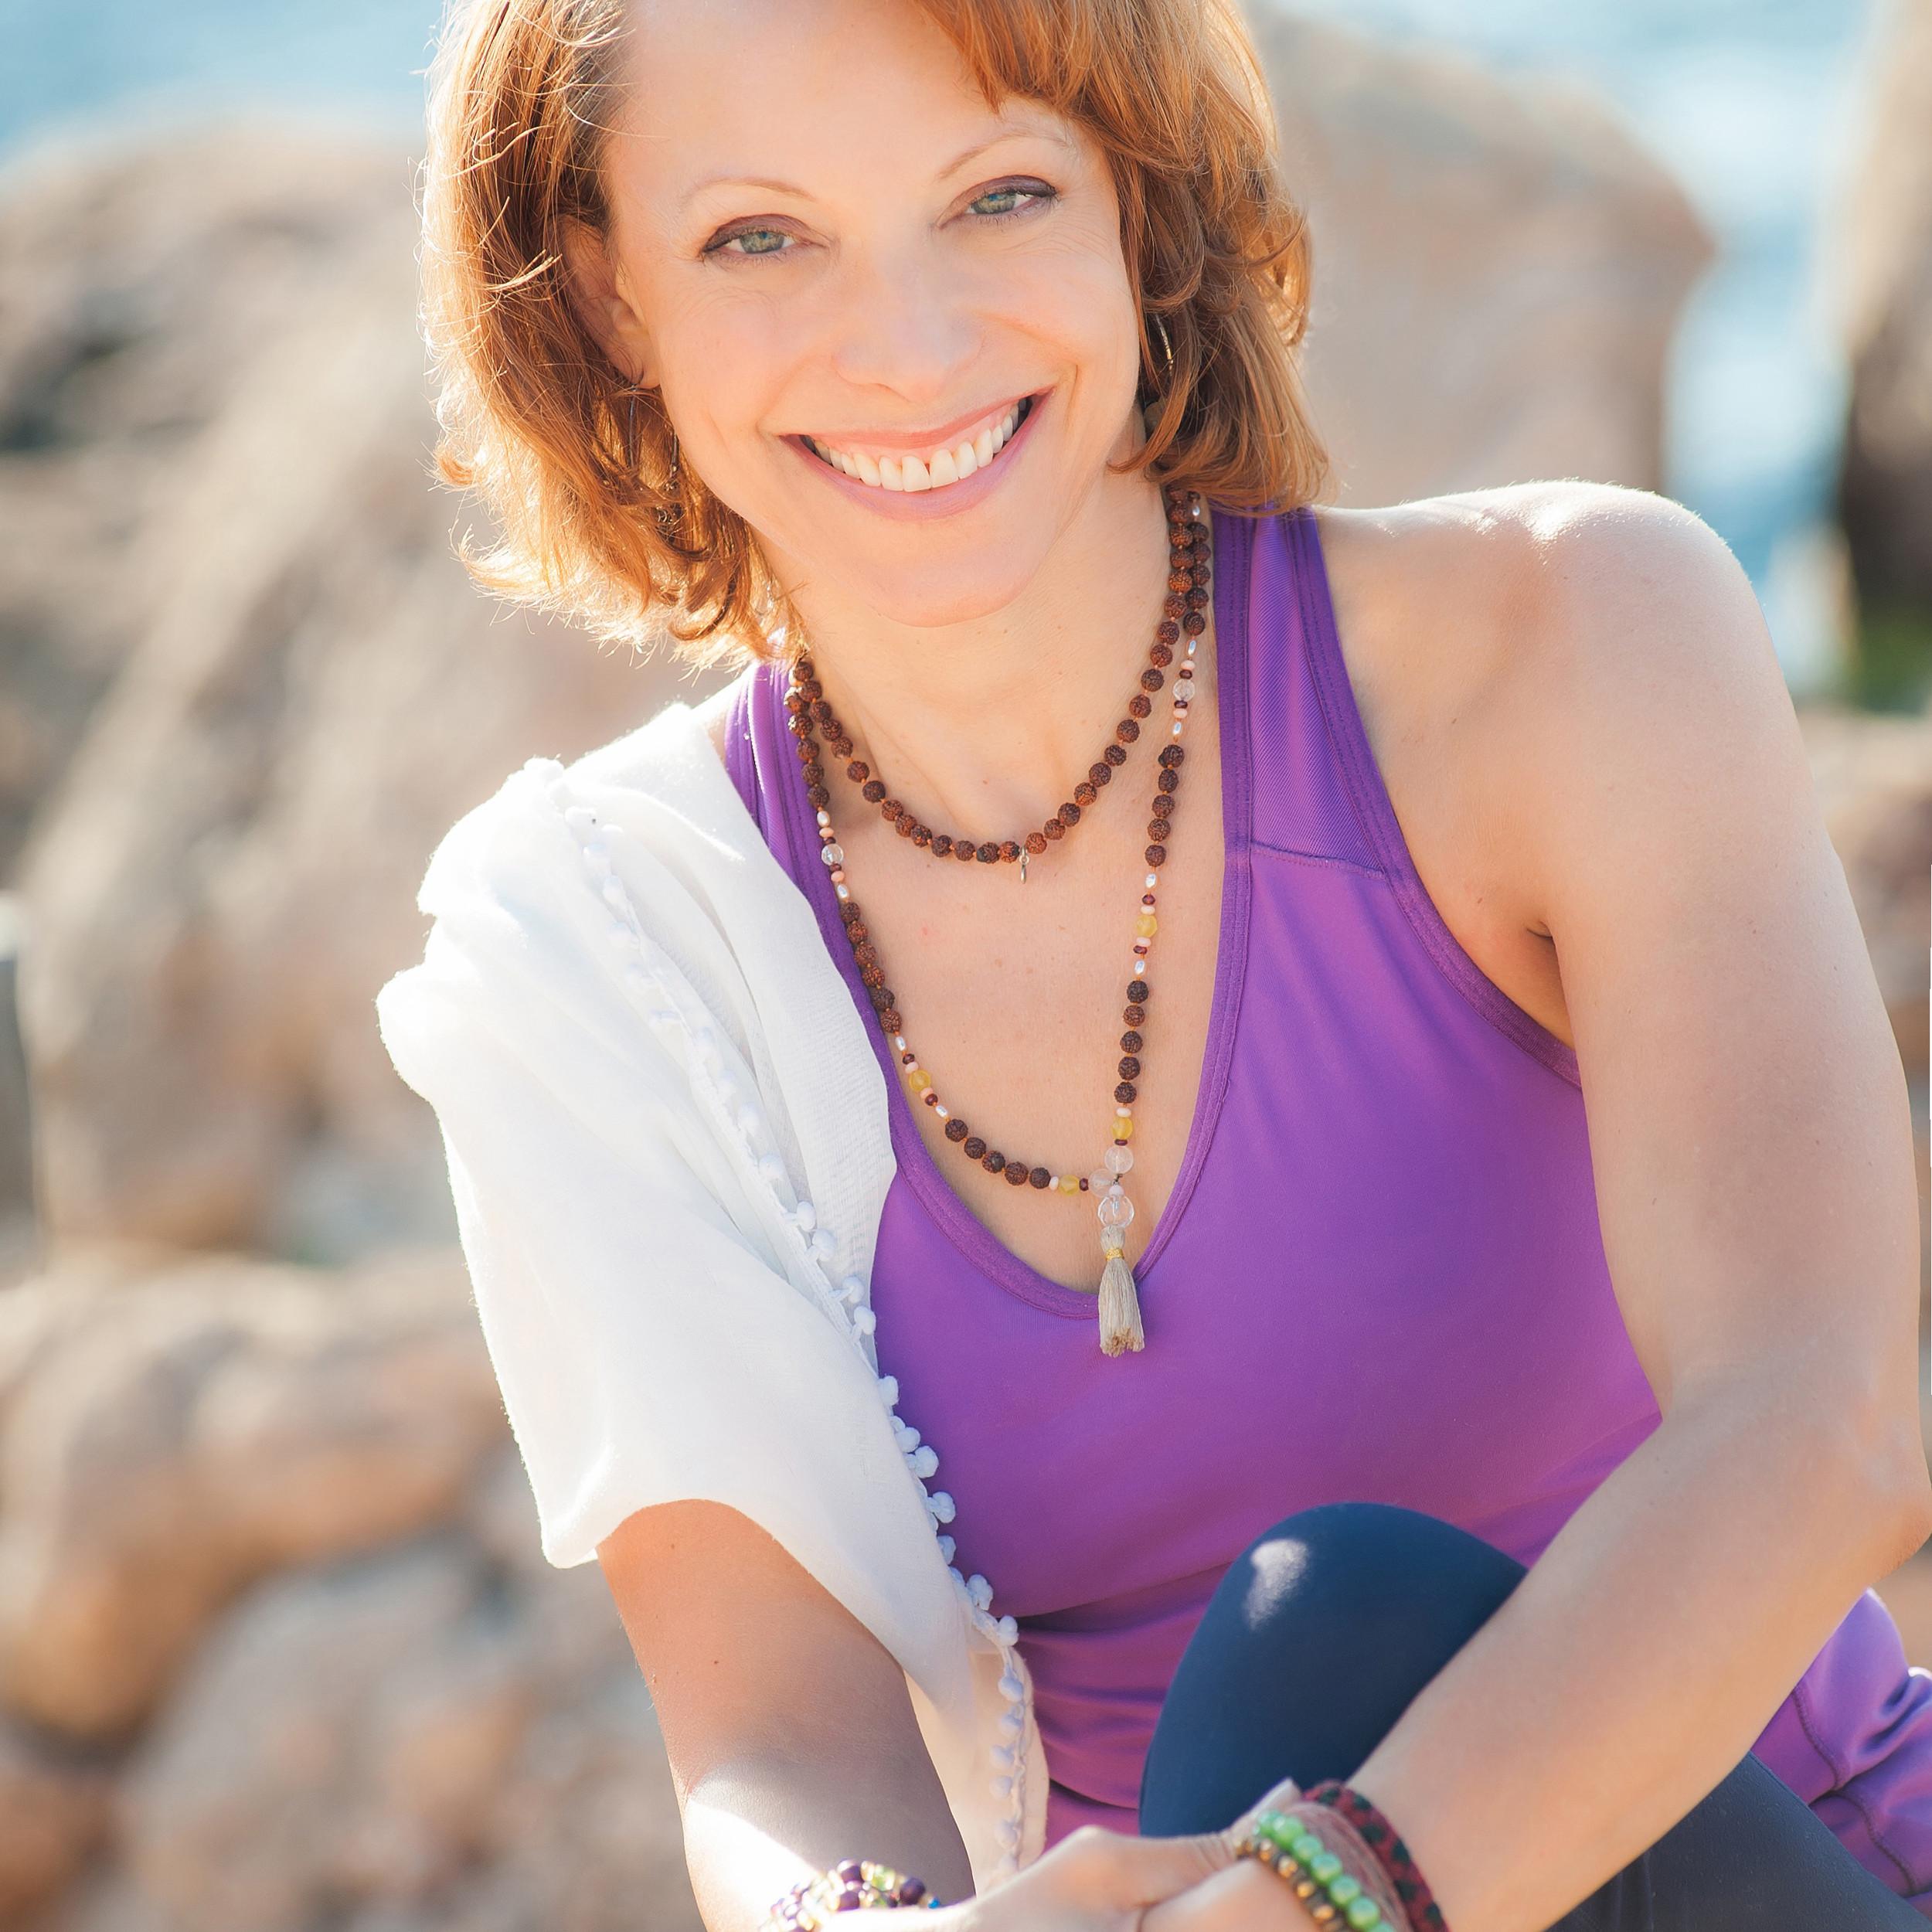 jeanne-heileman-yoga-teacher-trainer-8